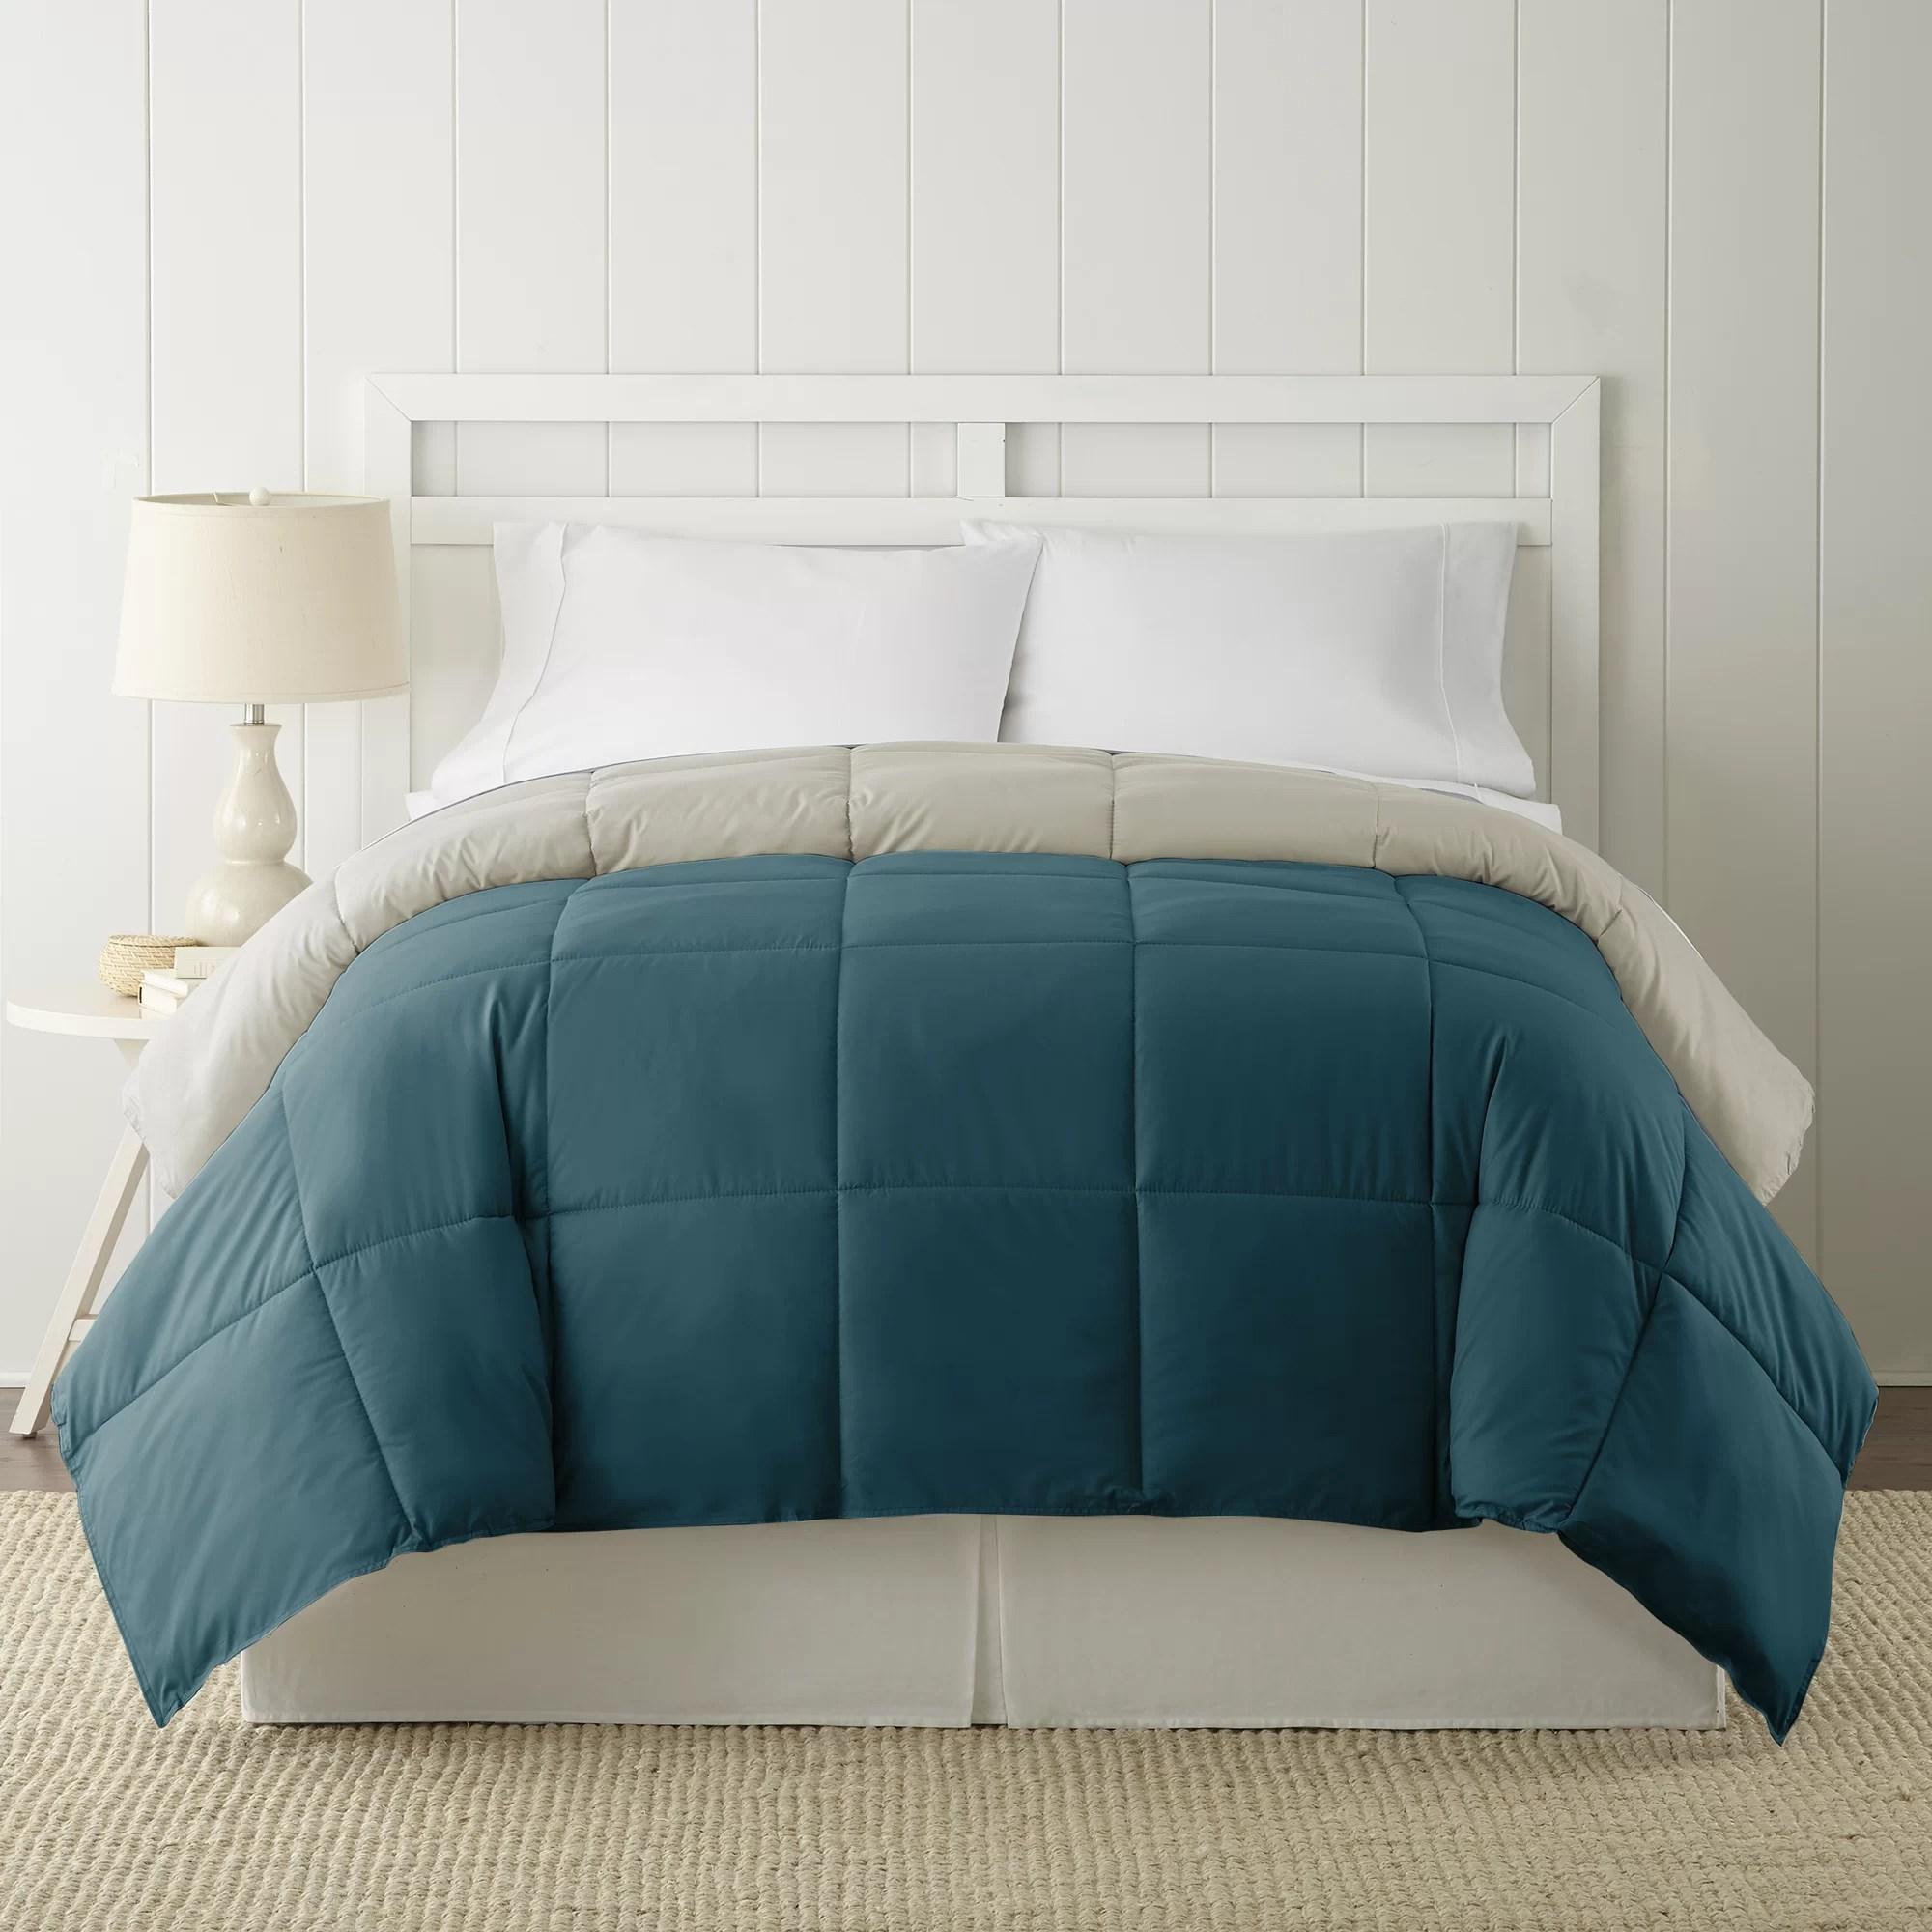 black comforter bedding you ll love in 2021 wayfair